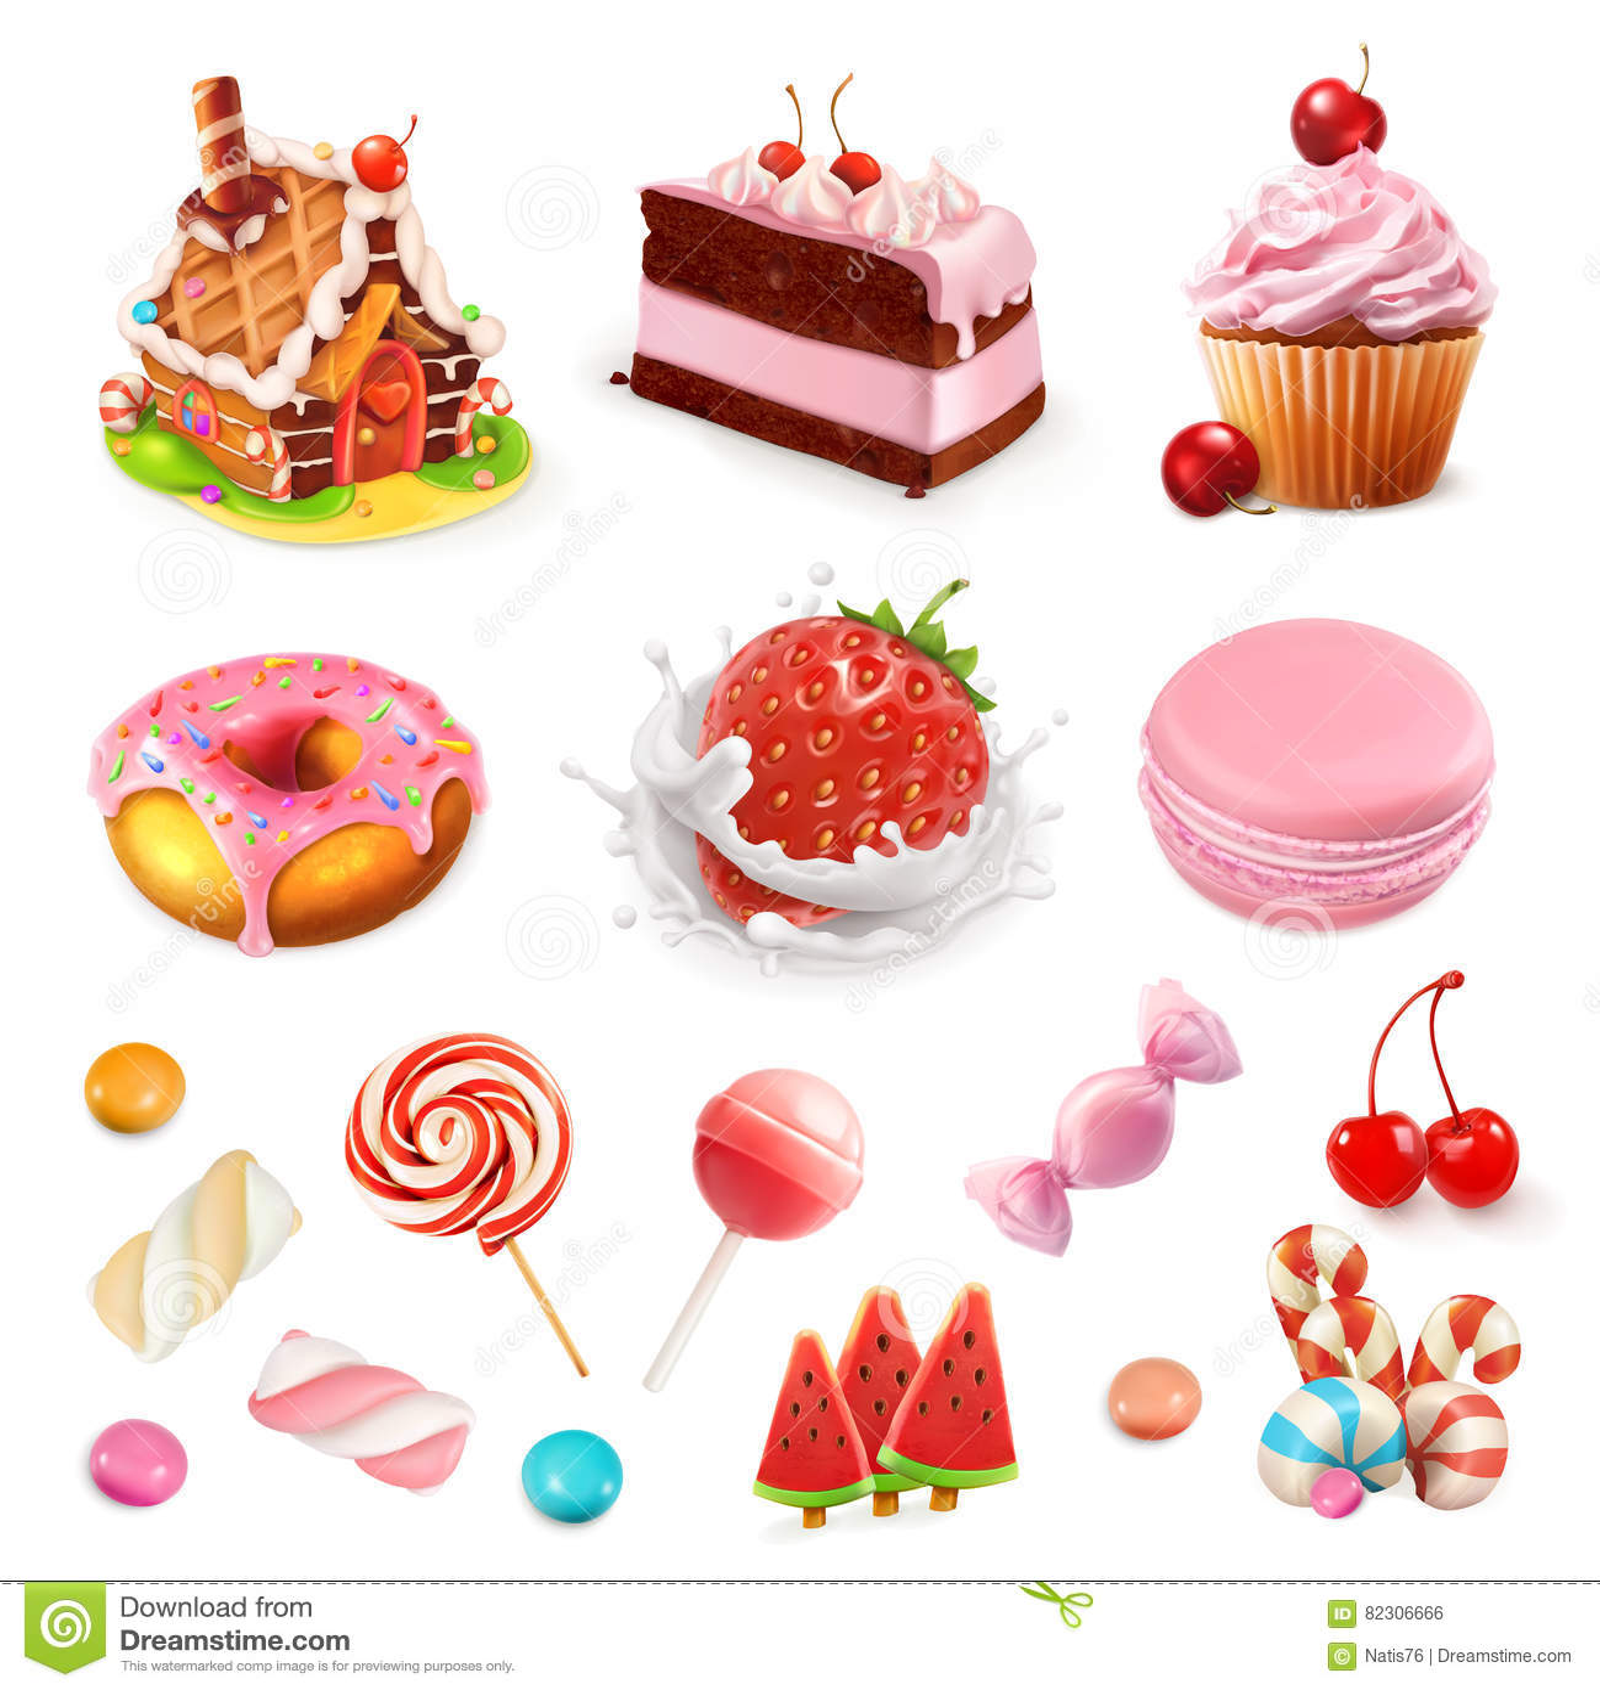 Cake Mp Free Download